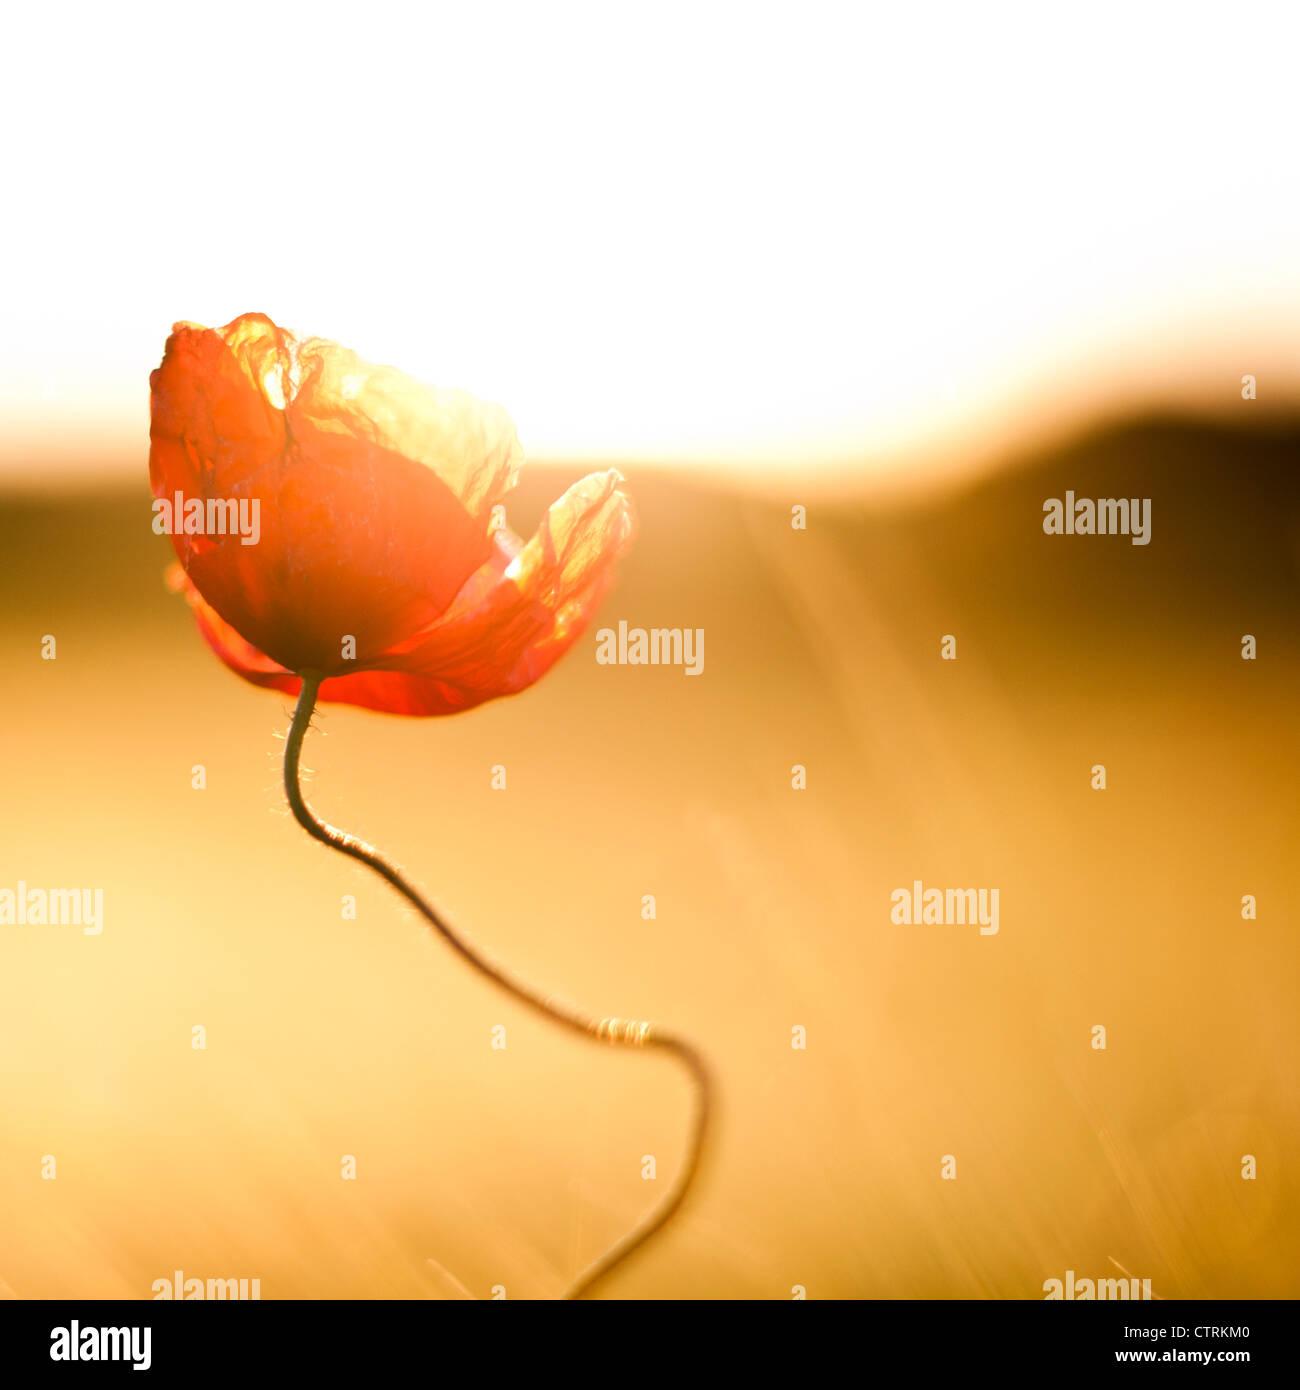 Fiore di papavero contro la luce Immagini Stock